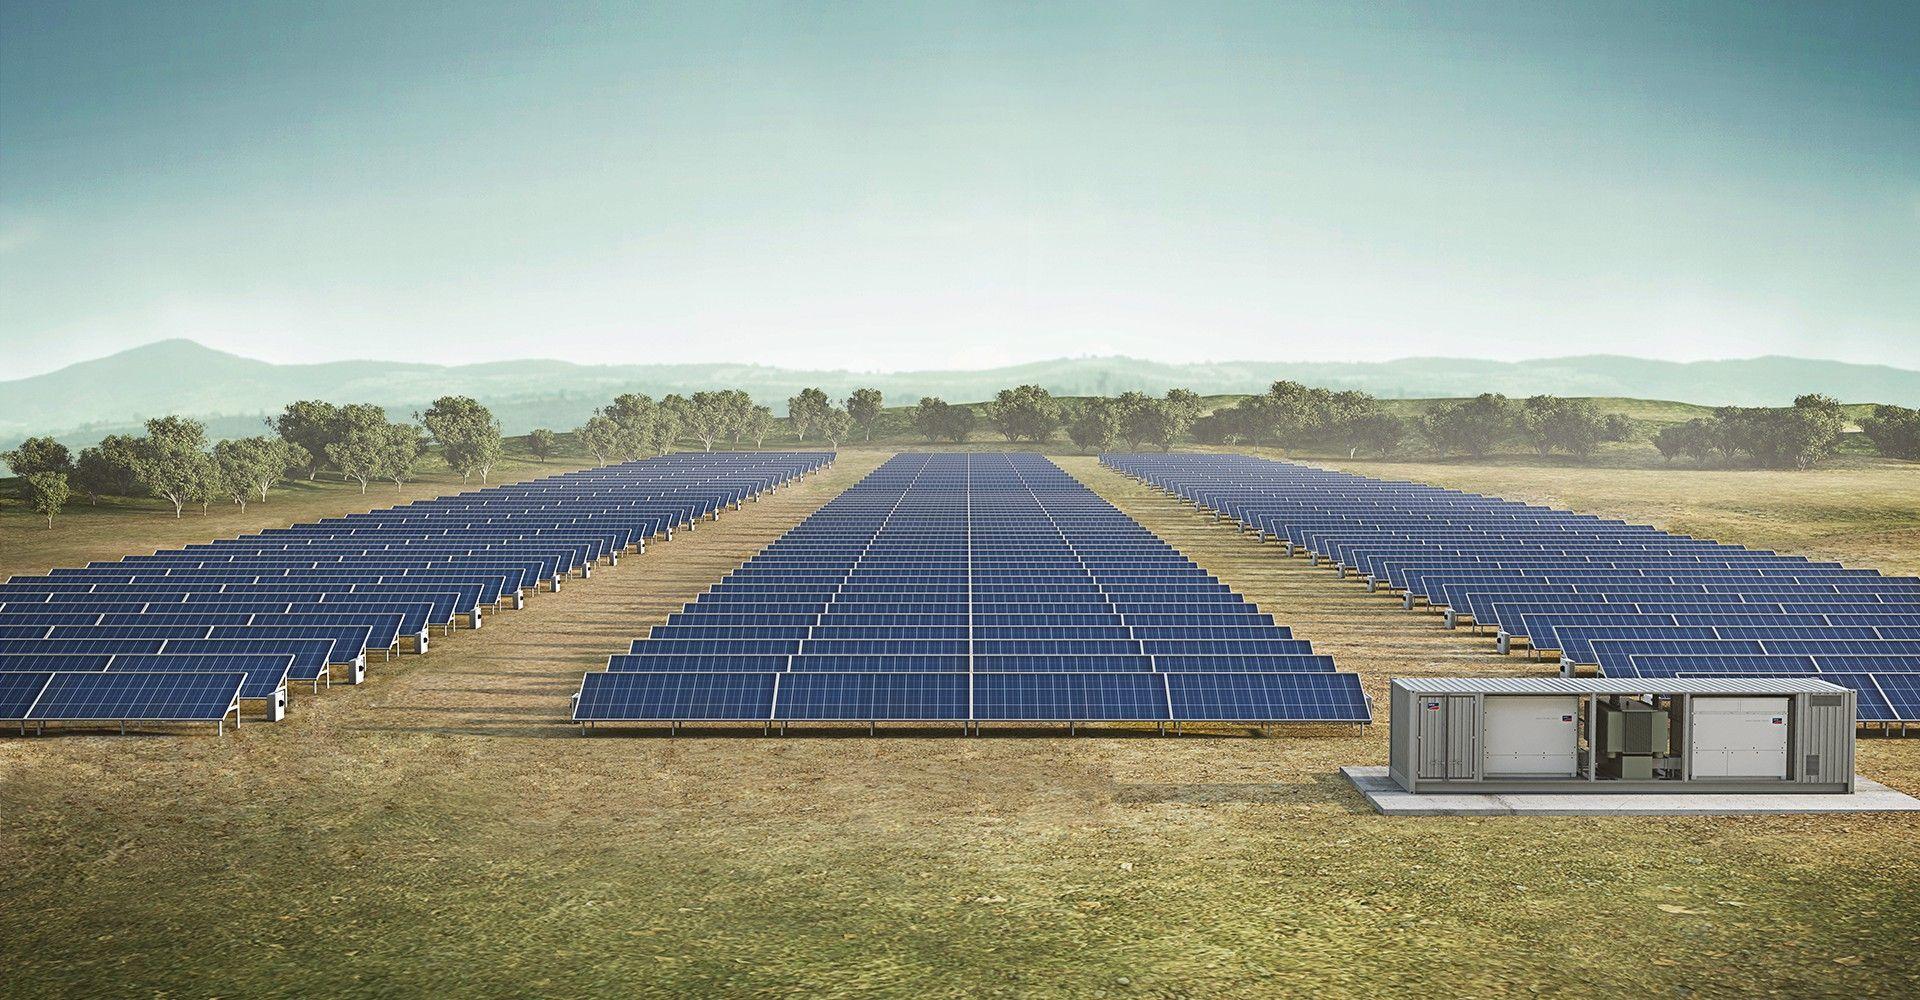 巴西光伏发电项目75%服务于居民消费者